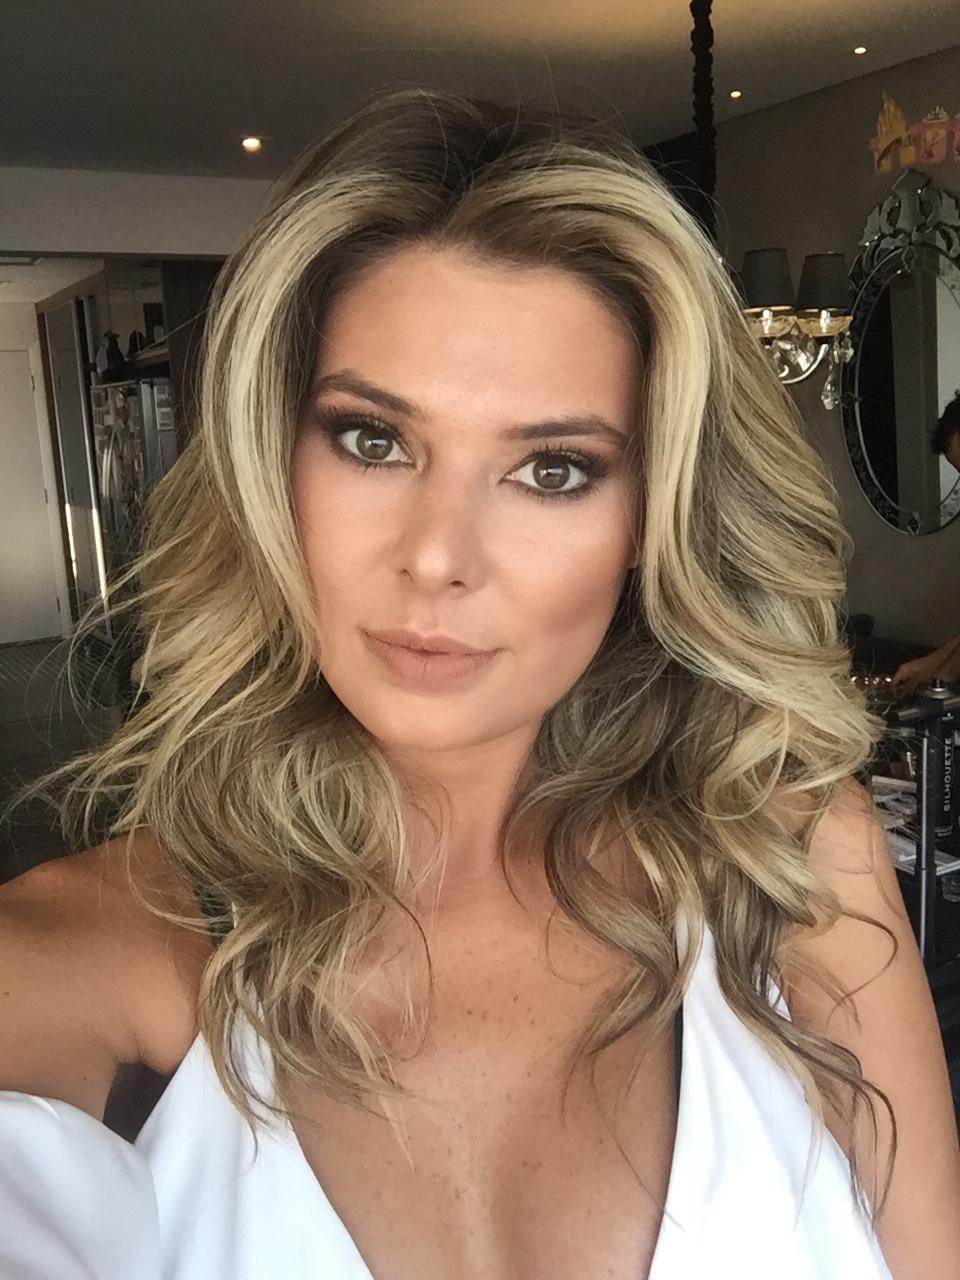 Imane & hair maquiagem maquiador(a) cabeleireiro(a)